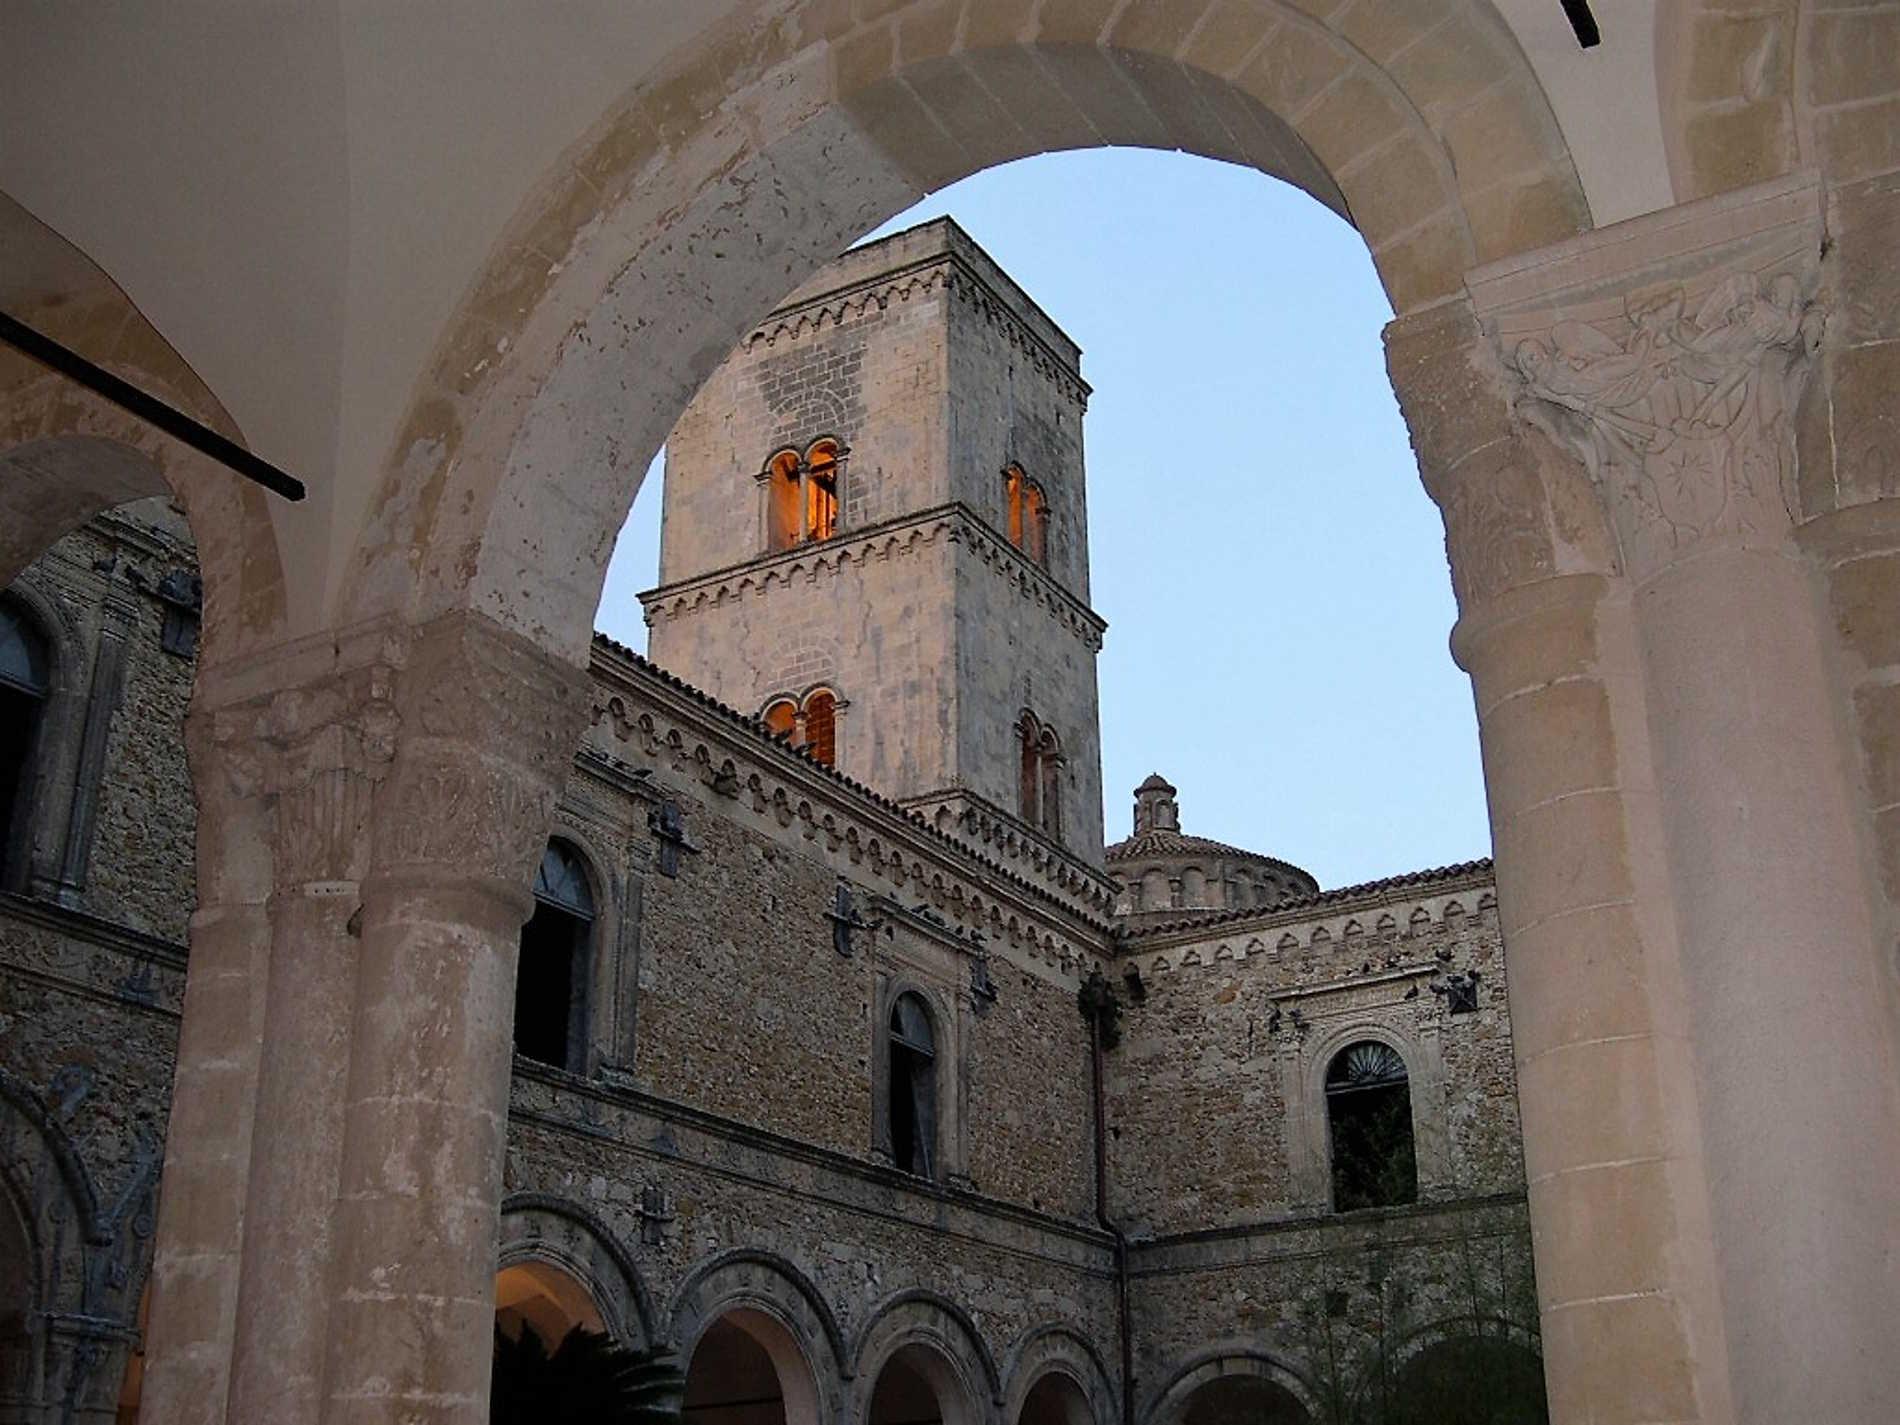 Chiostro dell'Abbazia di San Michele Arcangelo a Montescaglioso Basilicata